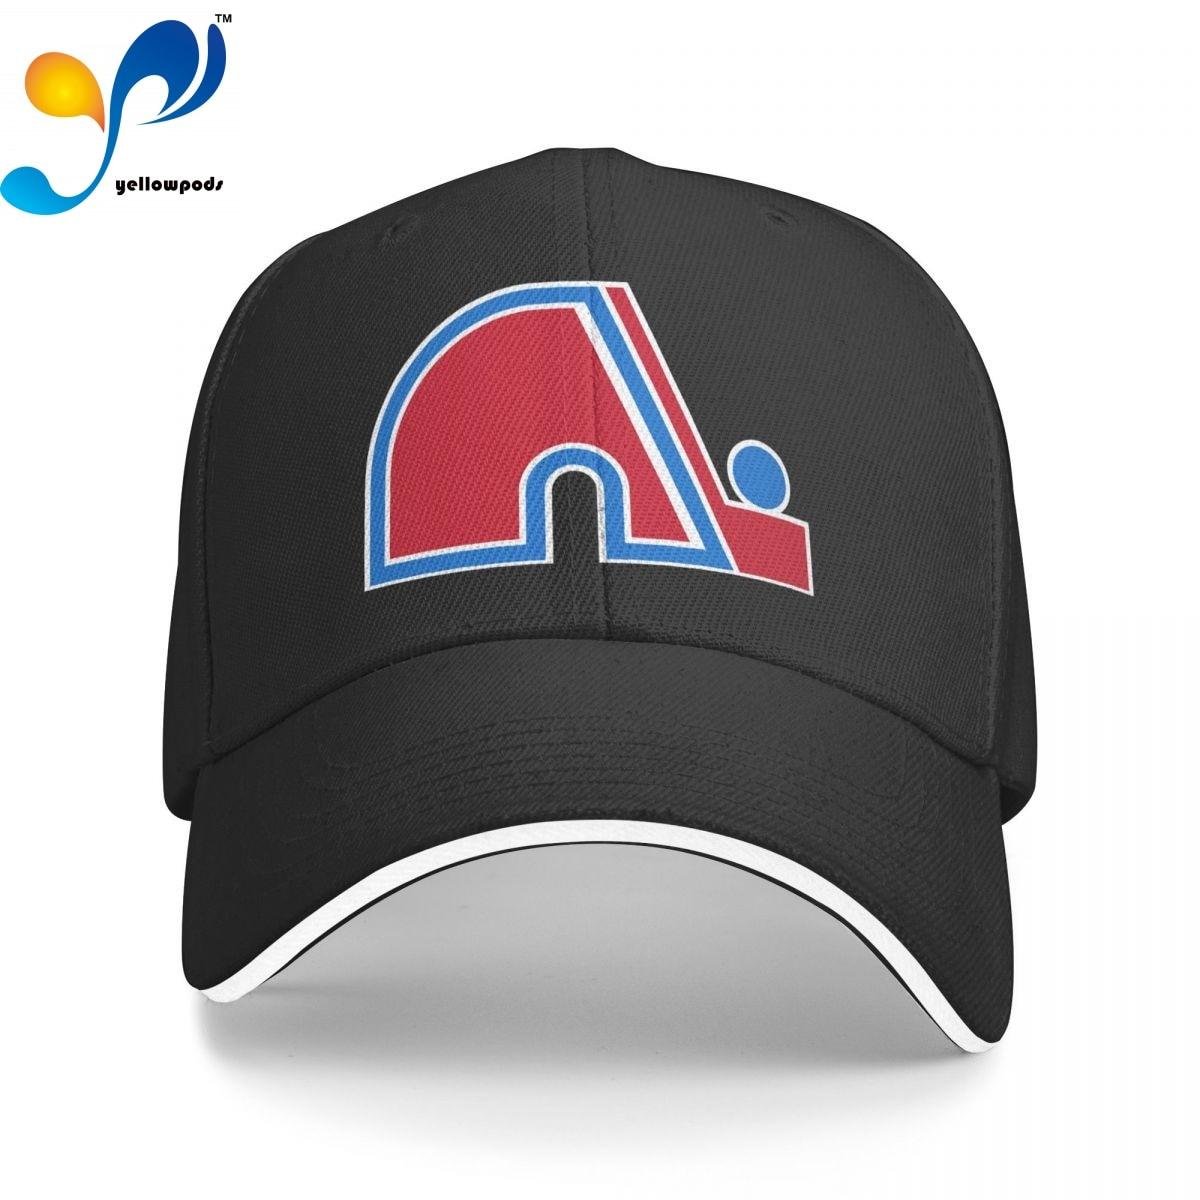 Квебек Нордикс, ретро хоккейная кофта с логотипом, Кепка-бейсболка для мужчин, бейсболка, мужские кепки с логотипом